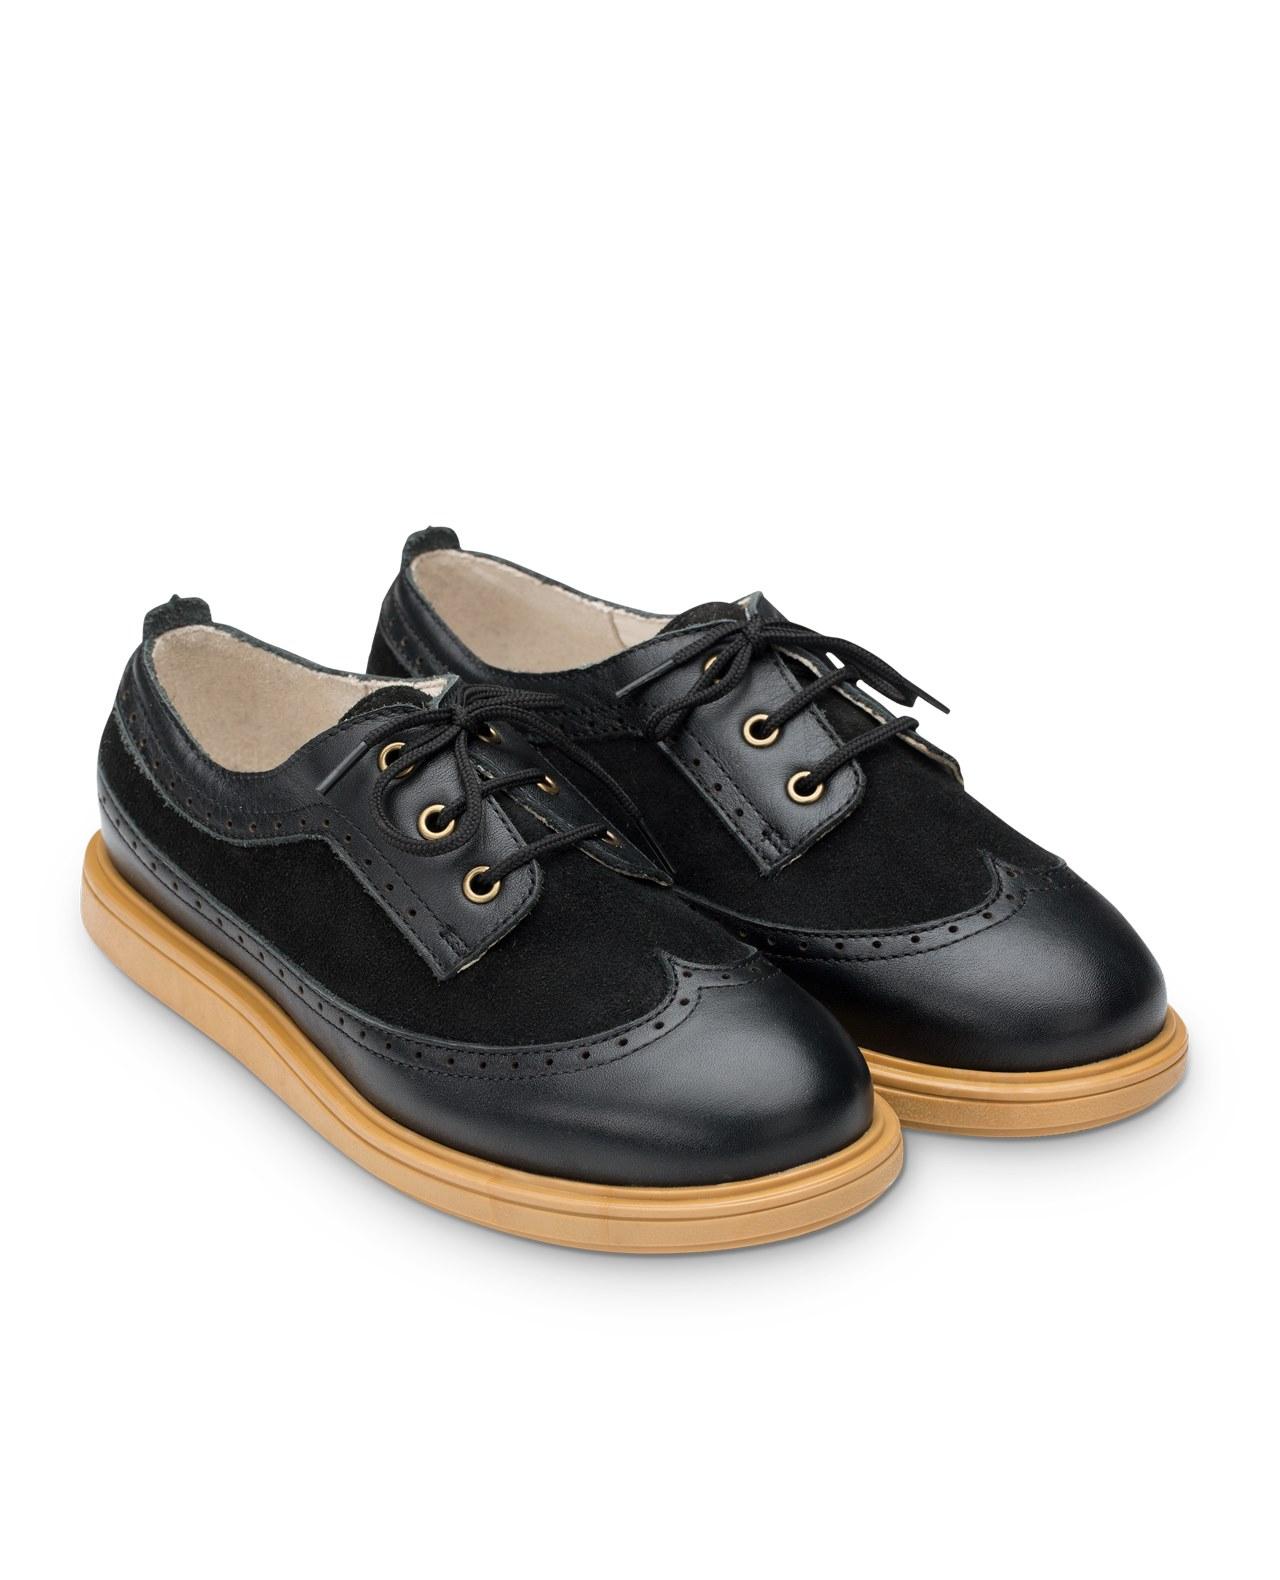 Купить Полуботинки детские 24008 р.32 кожа, степ черный, Tapiboo, Детские ботинки